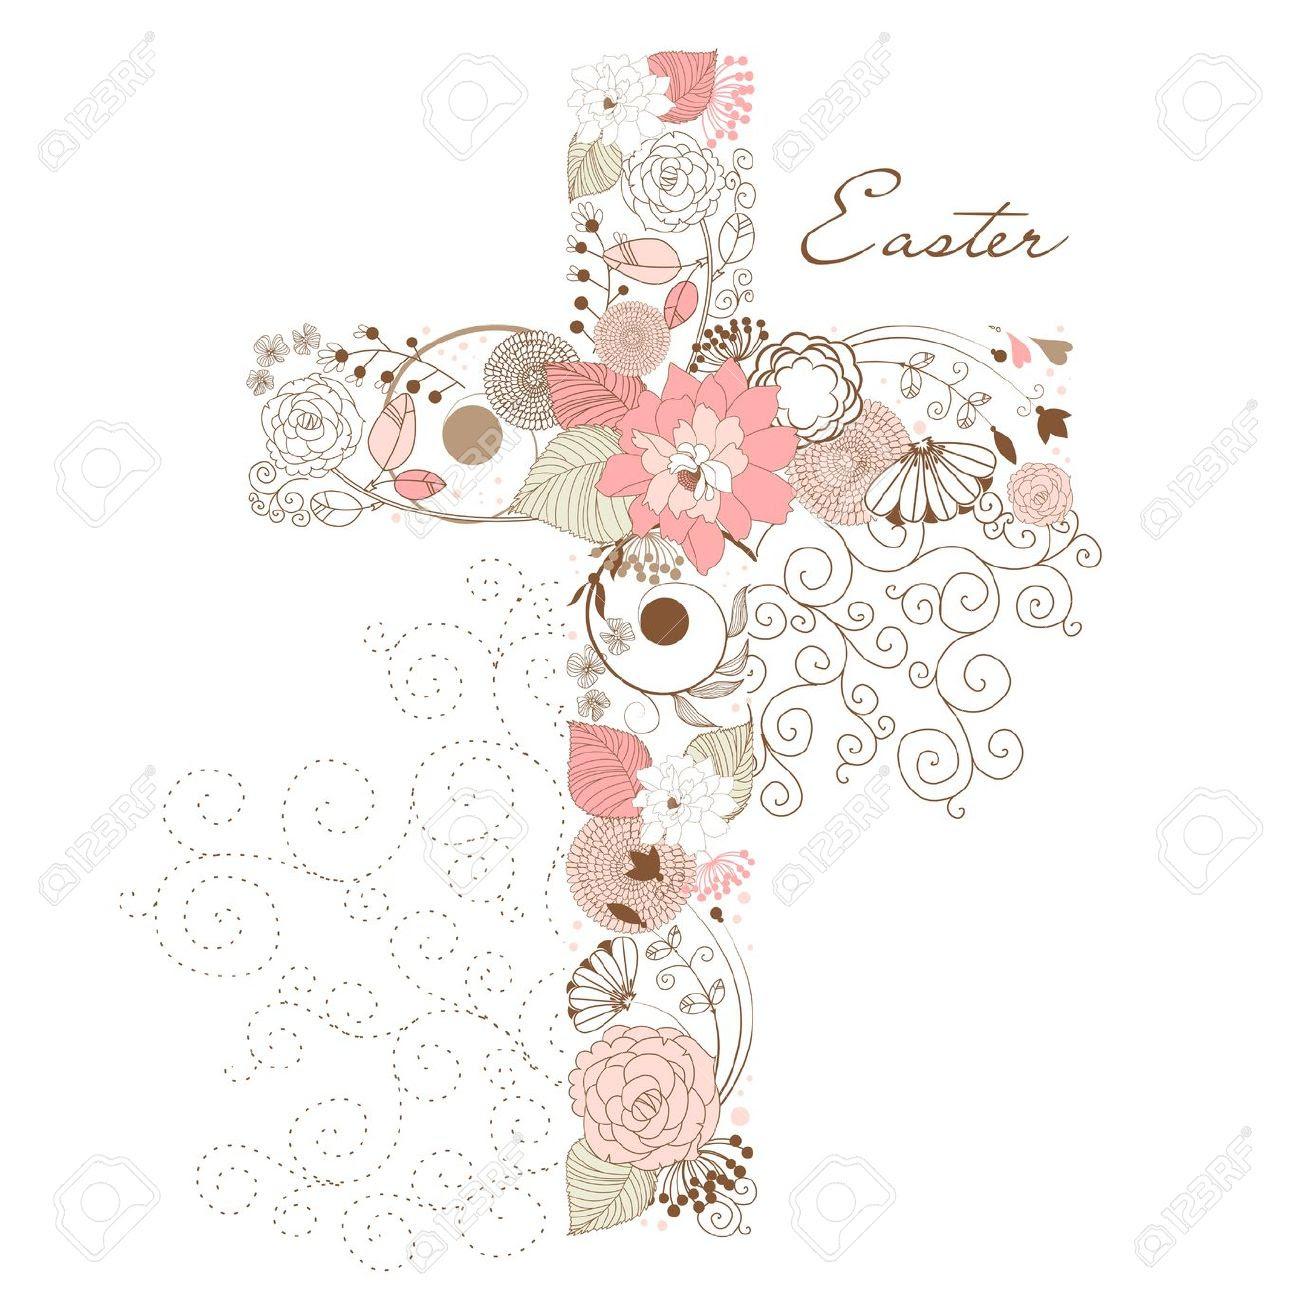 Clipart Croix De Jesus